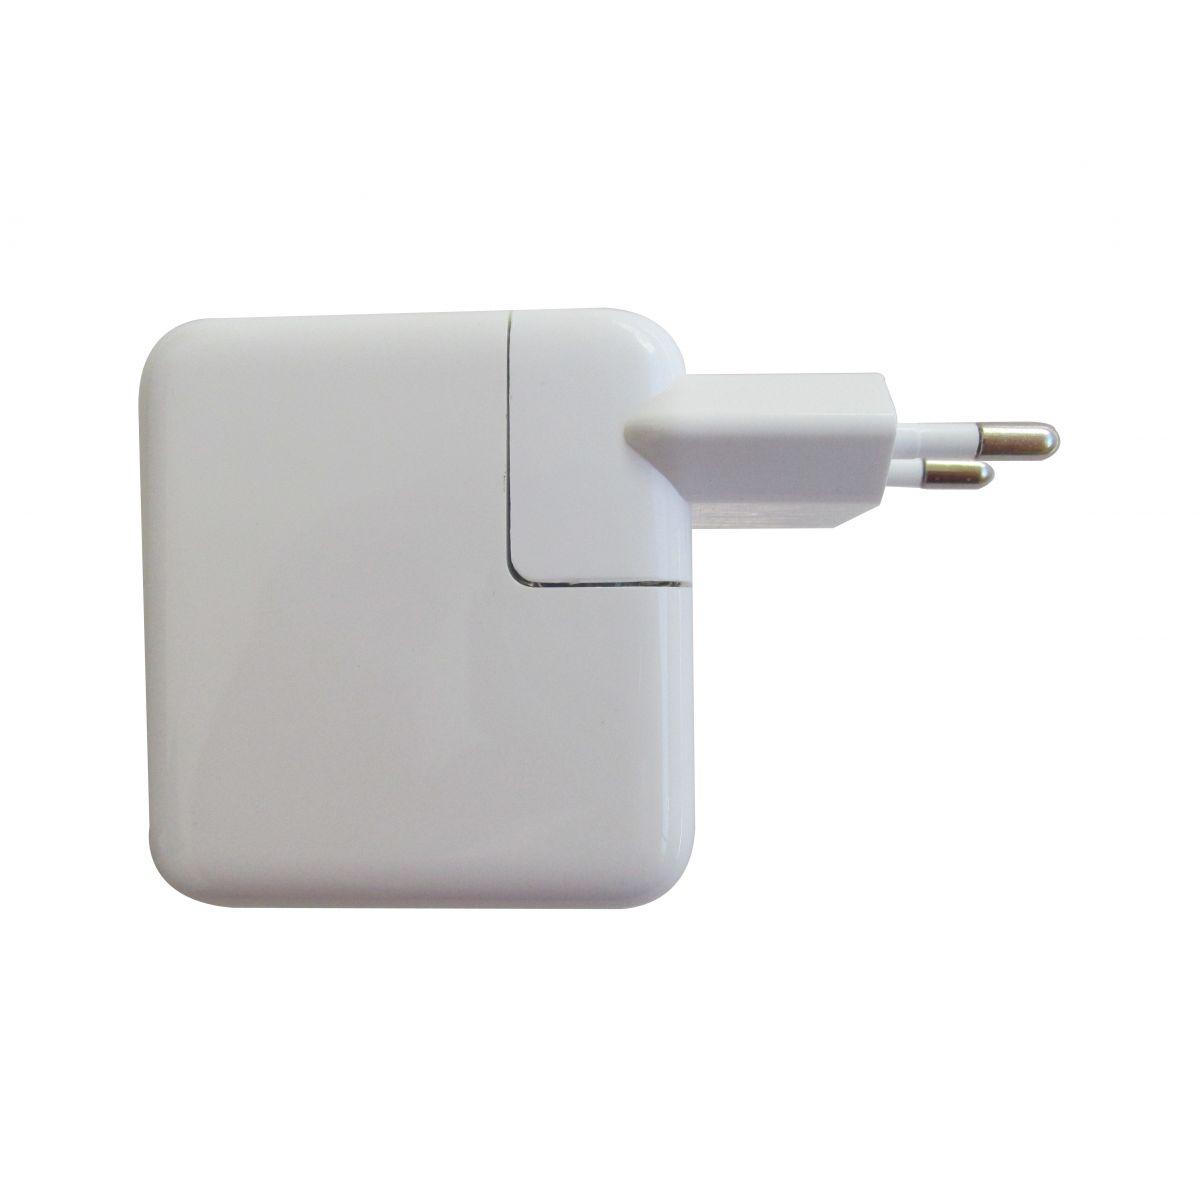 Carregador de tomada com 4 entradas USB - Branco